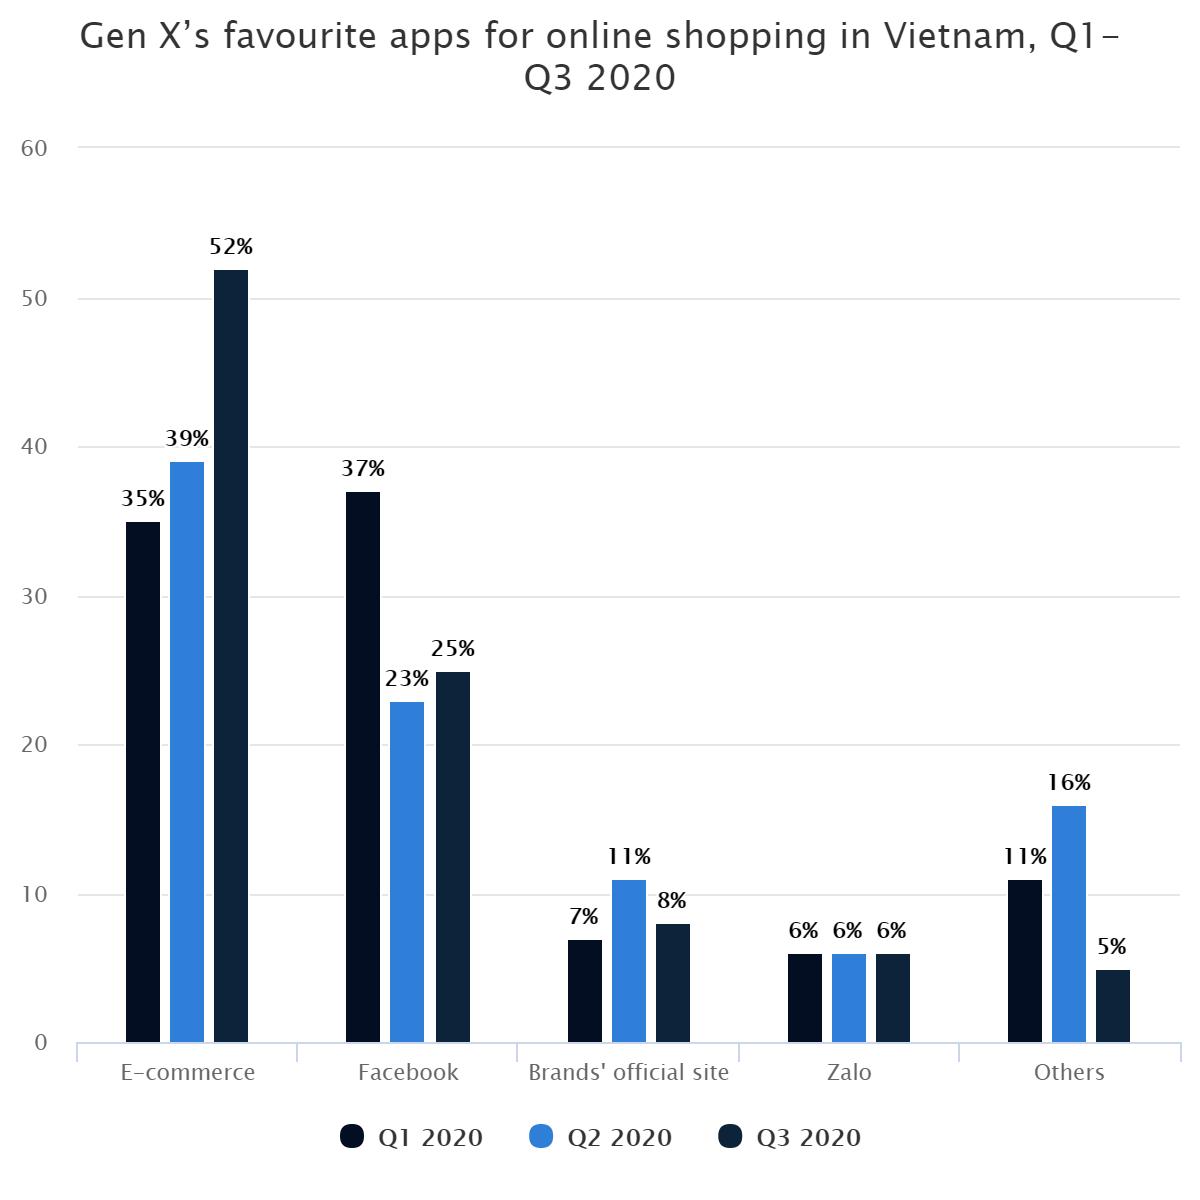 Gen X's favourite apps for online shopping in Vietnam, Q1-Q3 2020